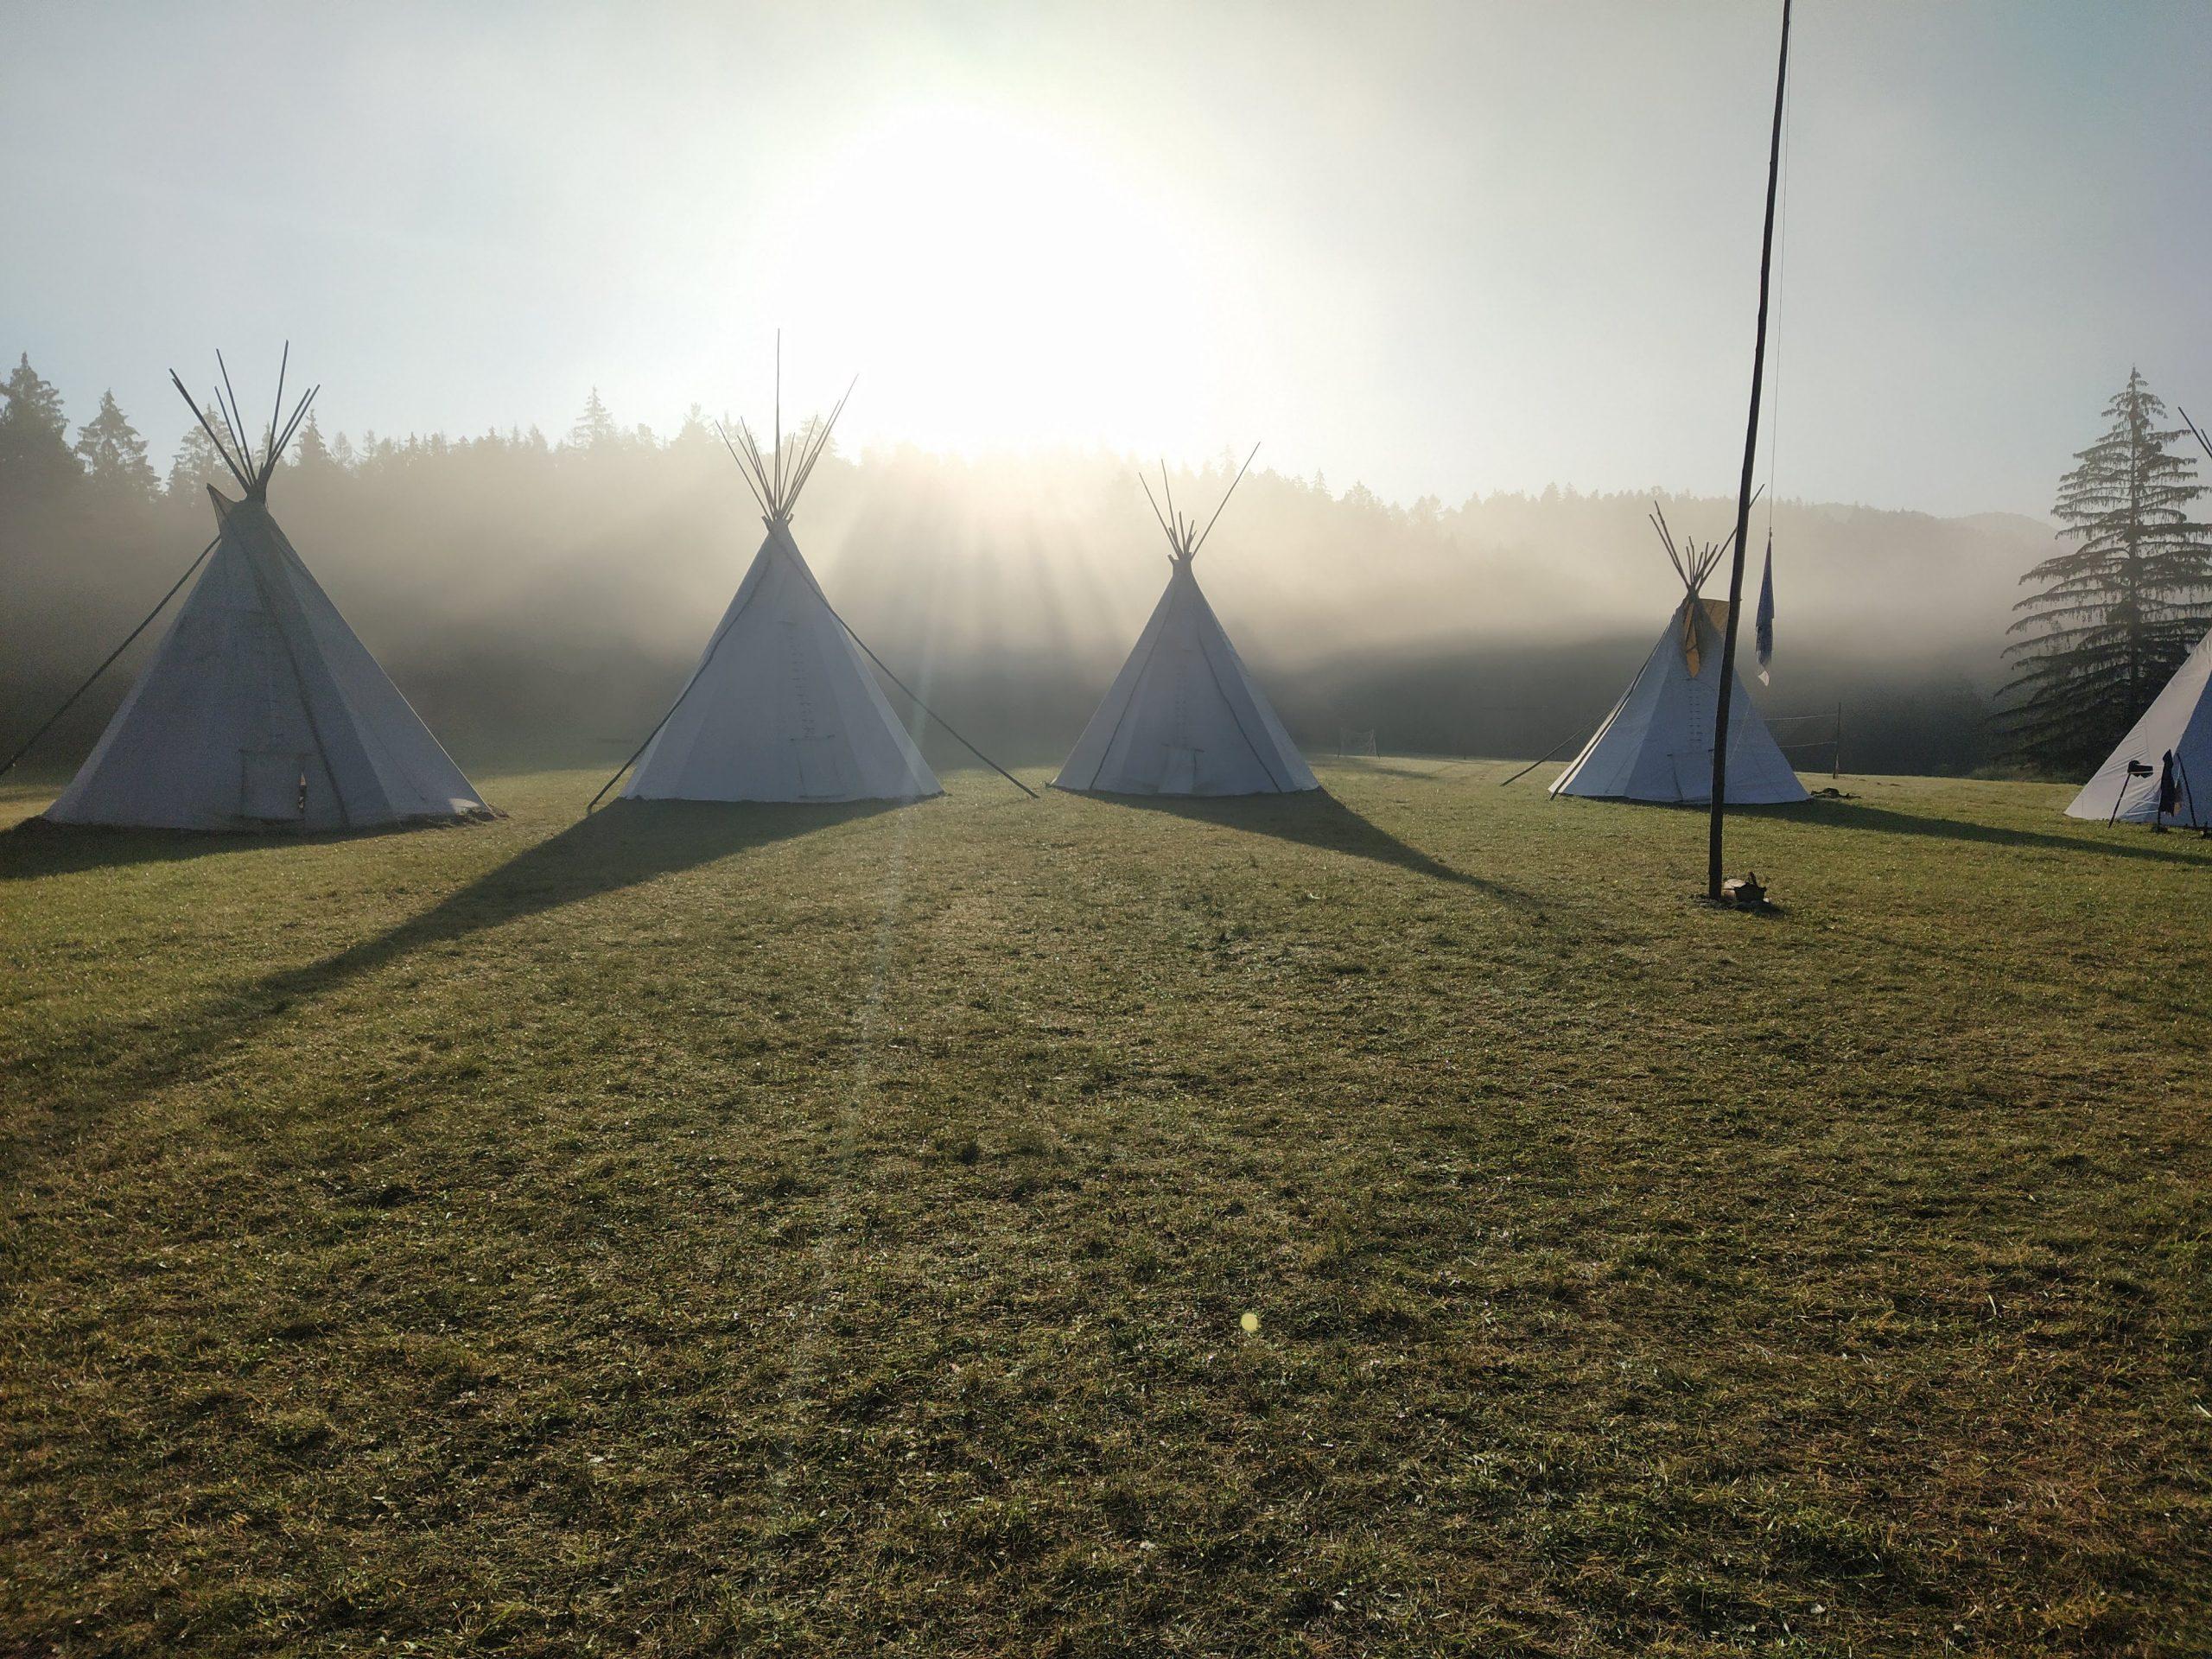 Skautský tábor Terra incognita